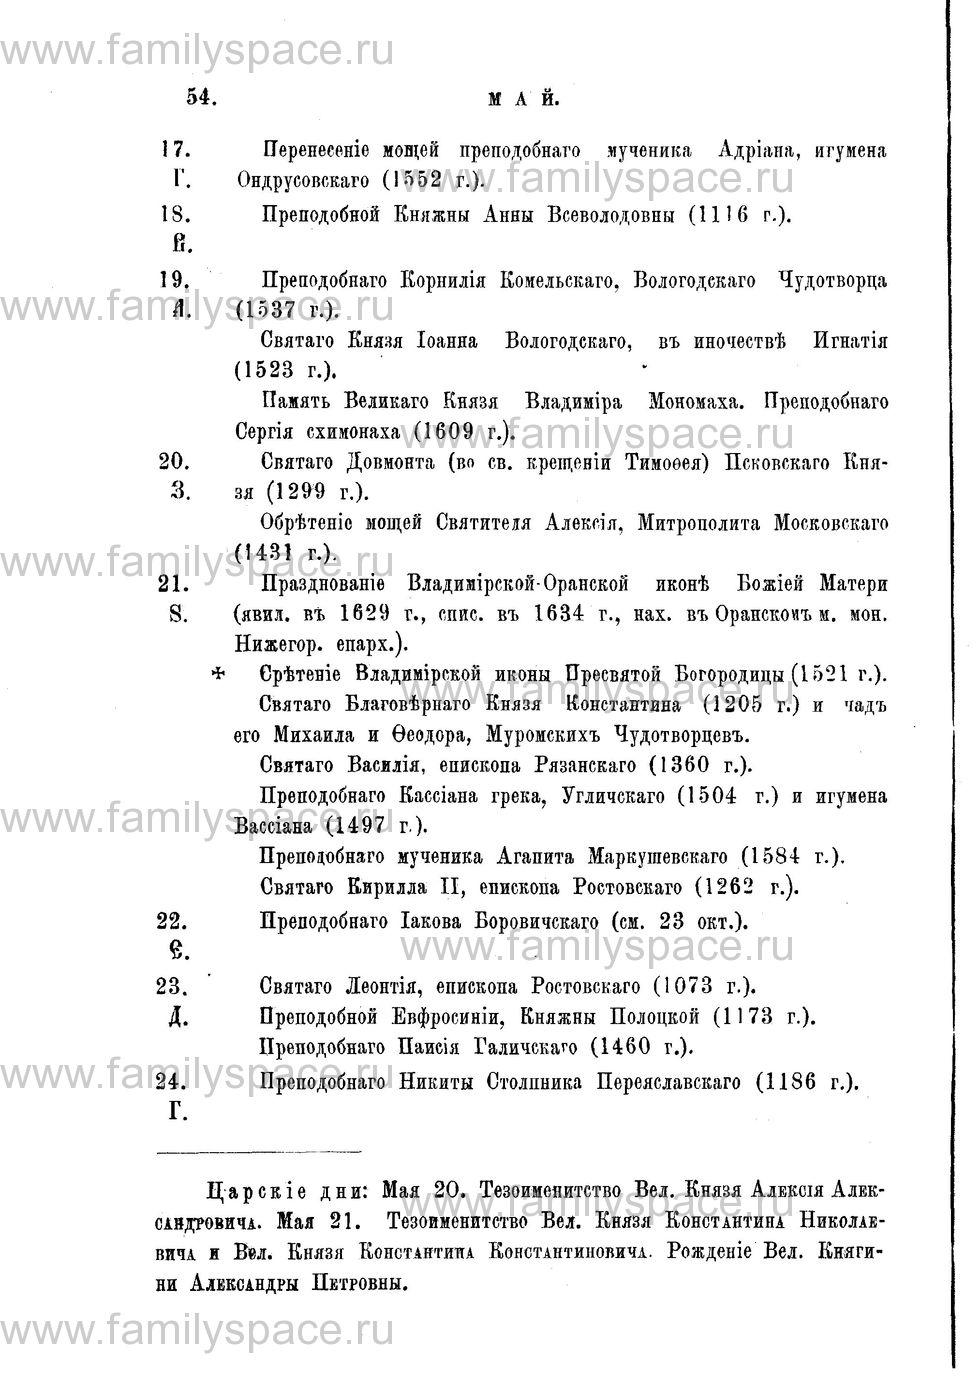 Поиск по фамилии - Адрес-календарь Нижегородской епархии на 1888 год, страница 1054